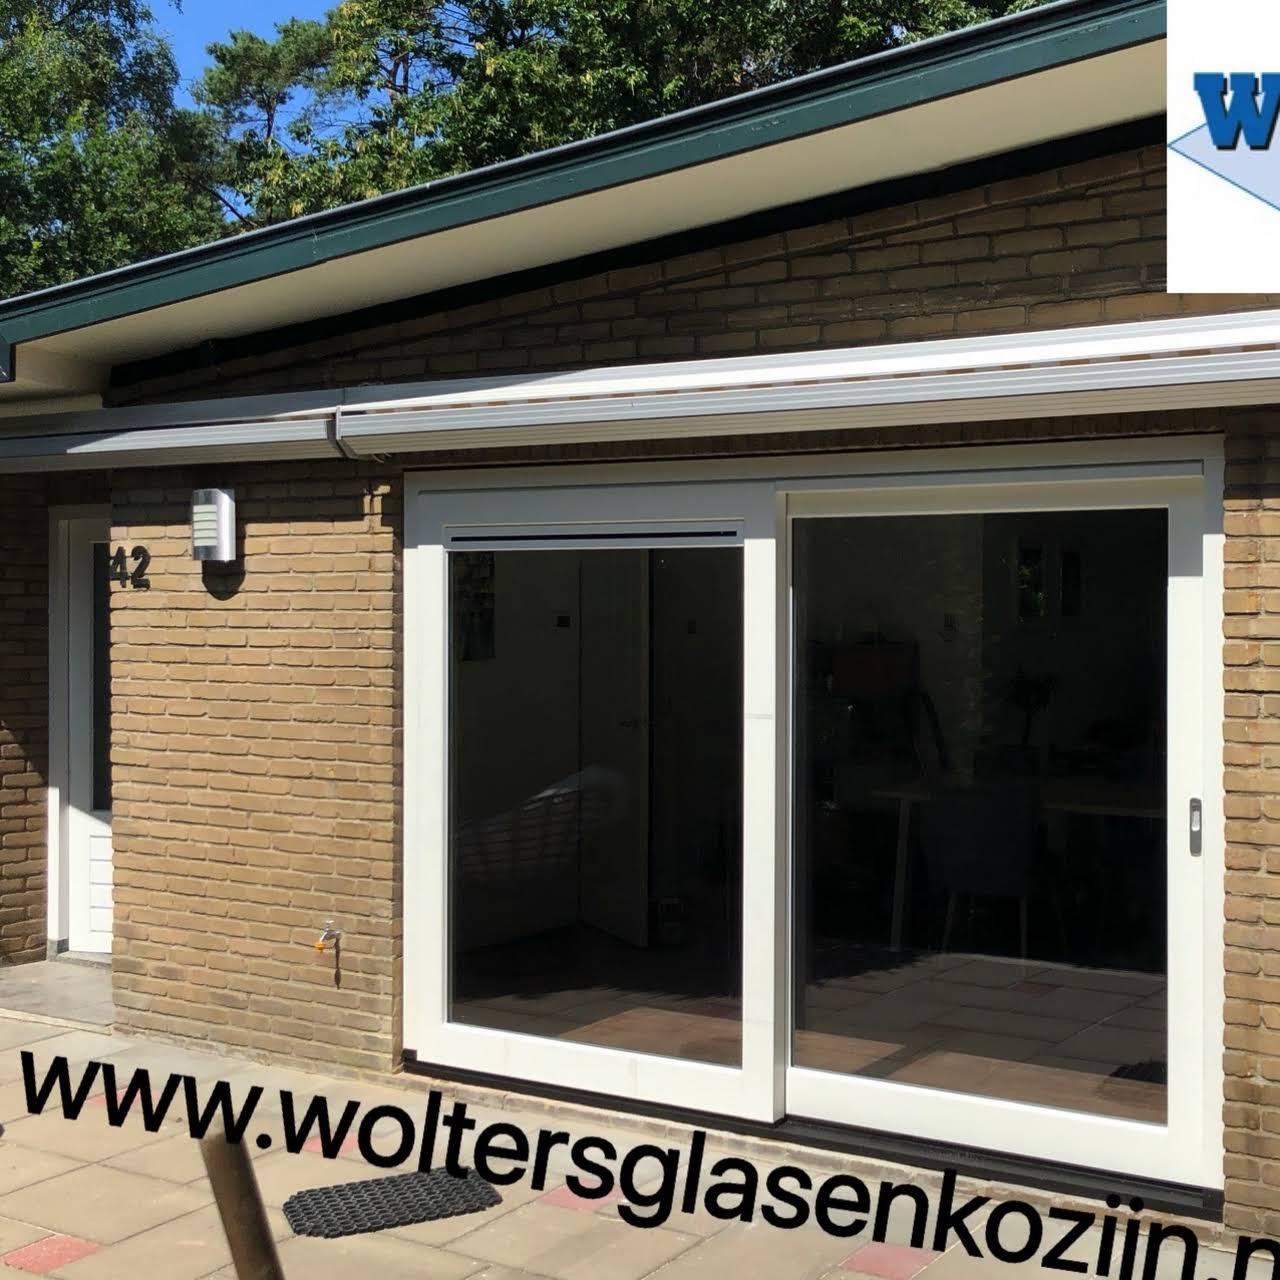 Wonderbaarlijk Wolters Glas & Kozijn - Specialist in glas, houten- & kunststof BY-44